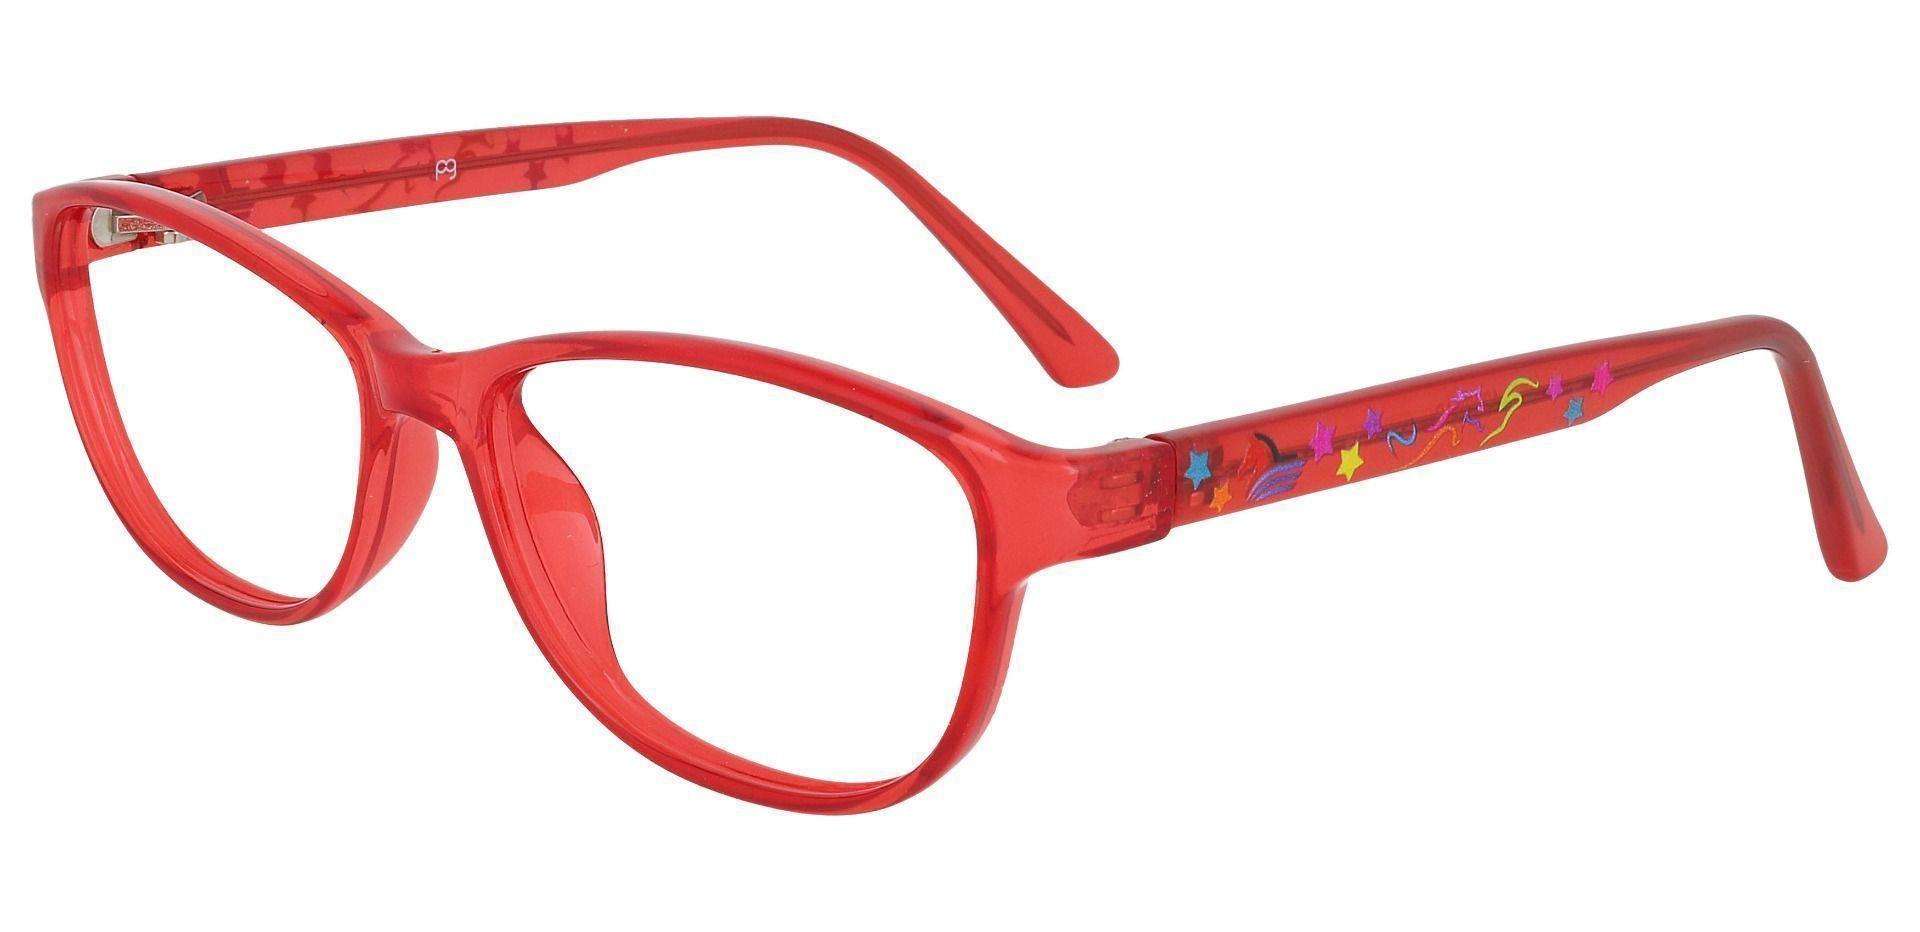 Alpine Oval Prescription Glasses - Red